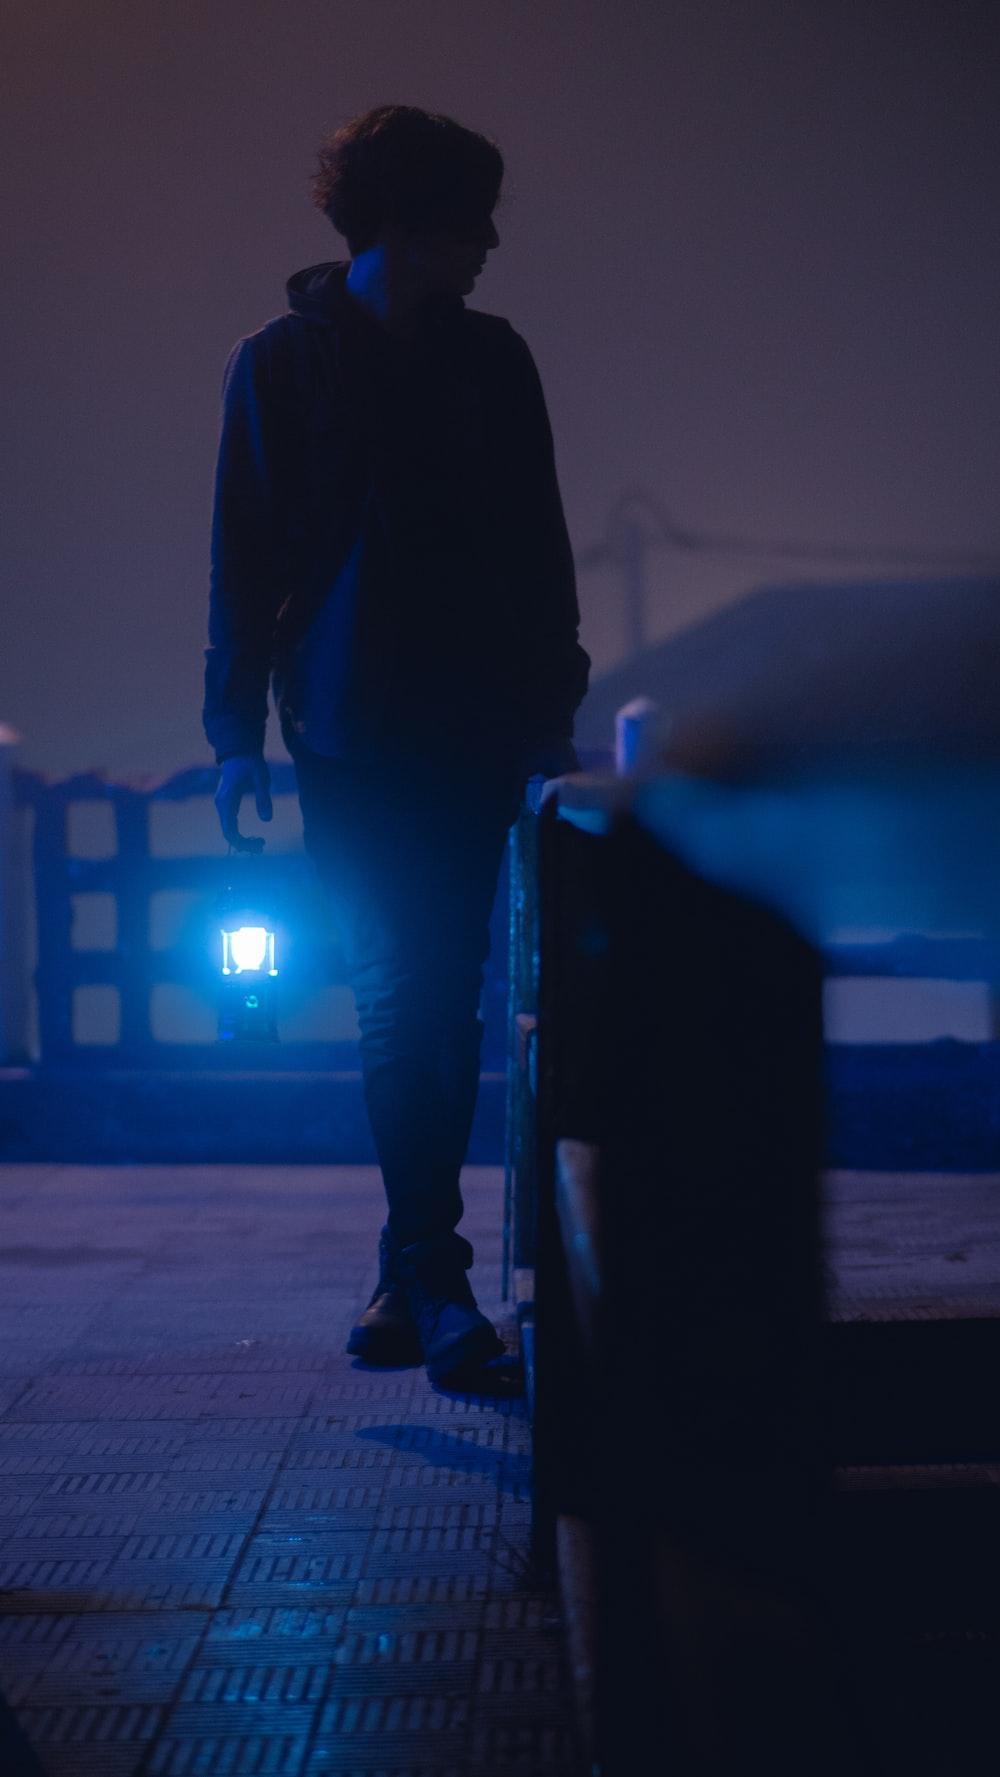 man in black jacket and pants walking on sidewalk during daytime